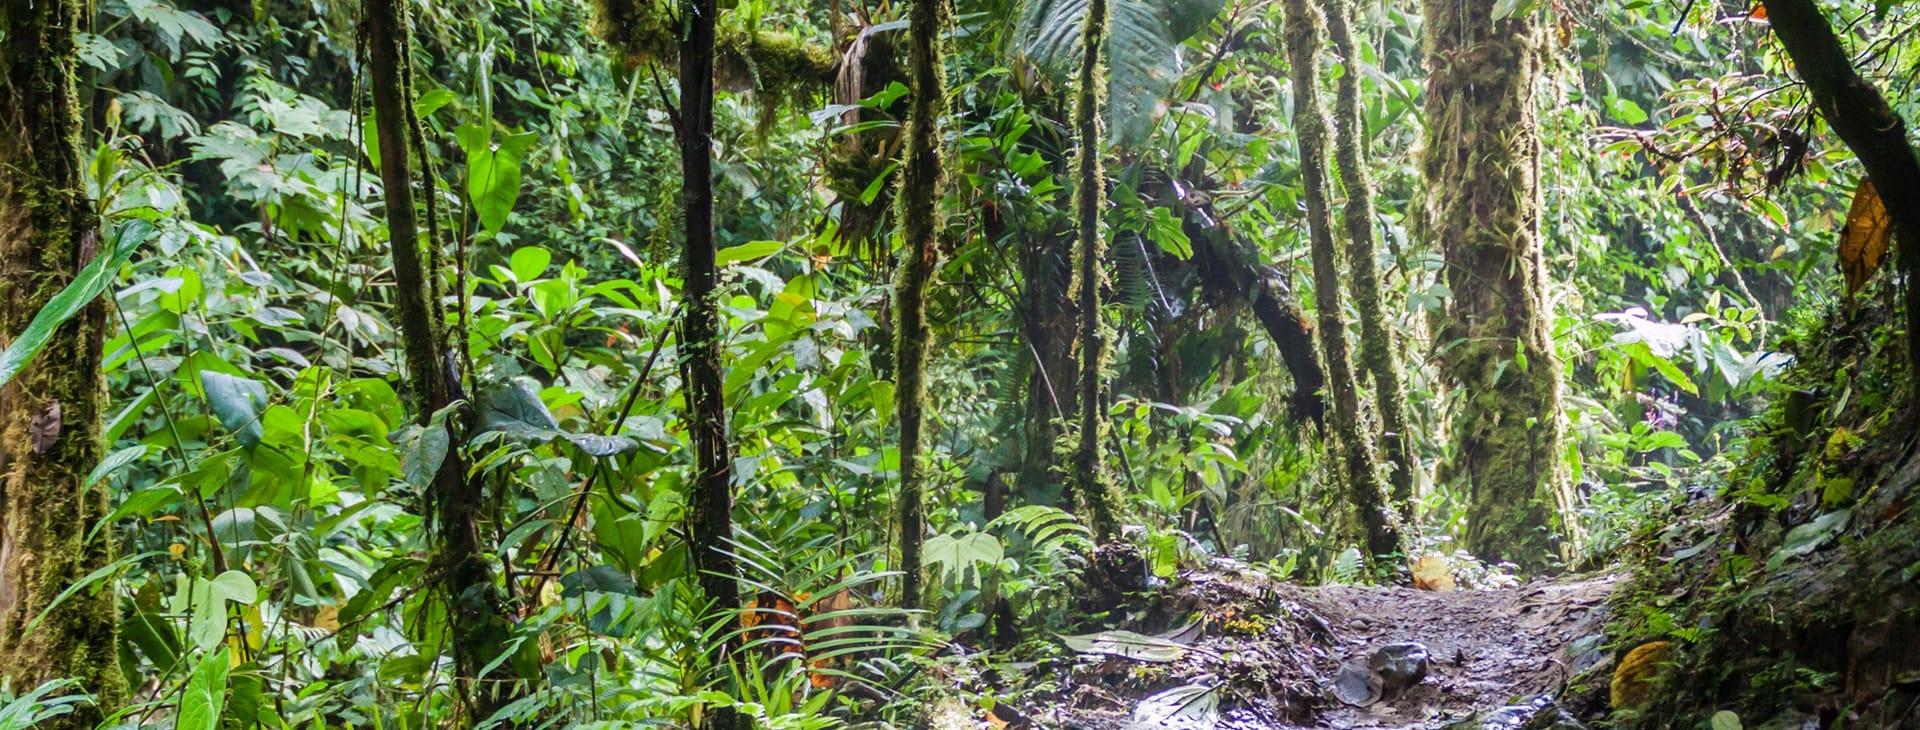 Cloud Forest in Ecuador